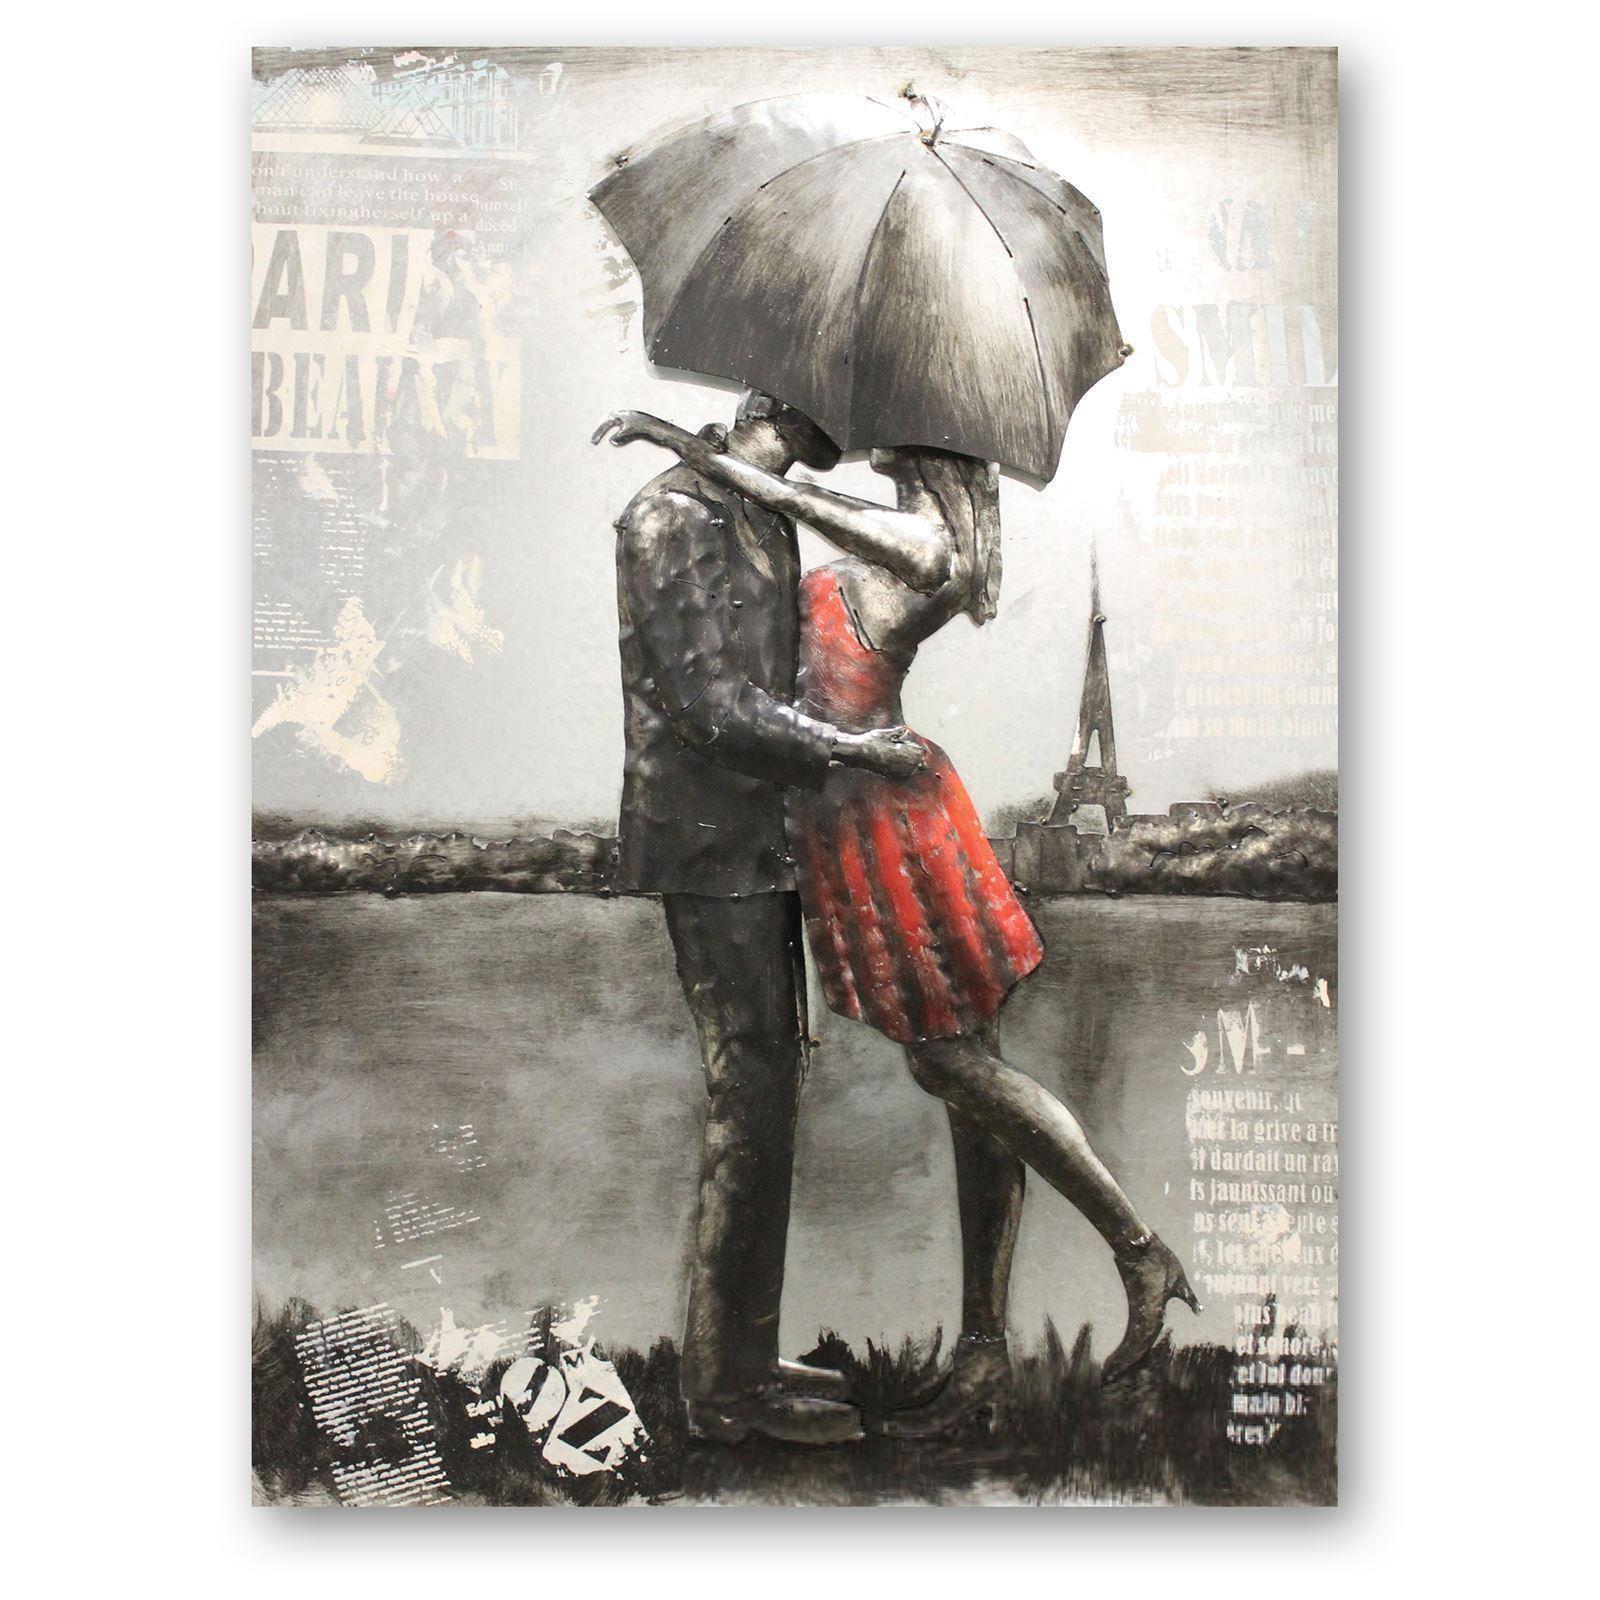 Night In Paris HAND CRAFT METAL WALL ART couple dans dans dans la pluie paninting Art sur métal   De Haute Qualité Et De Bas Frais Généraux    Supérieure    Produits De Qualité  21daaf